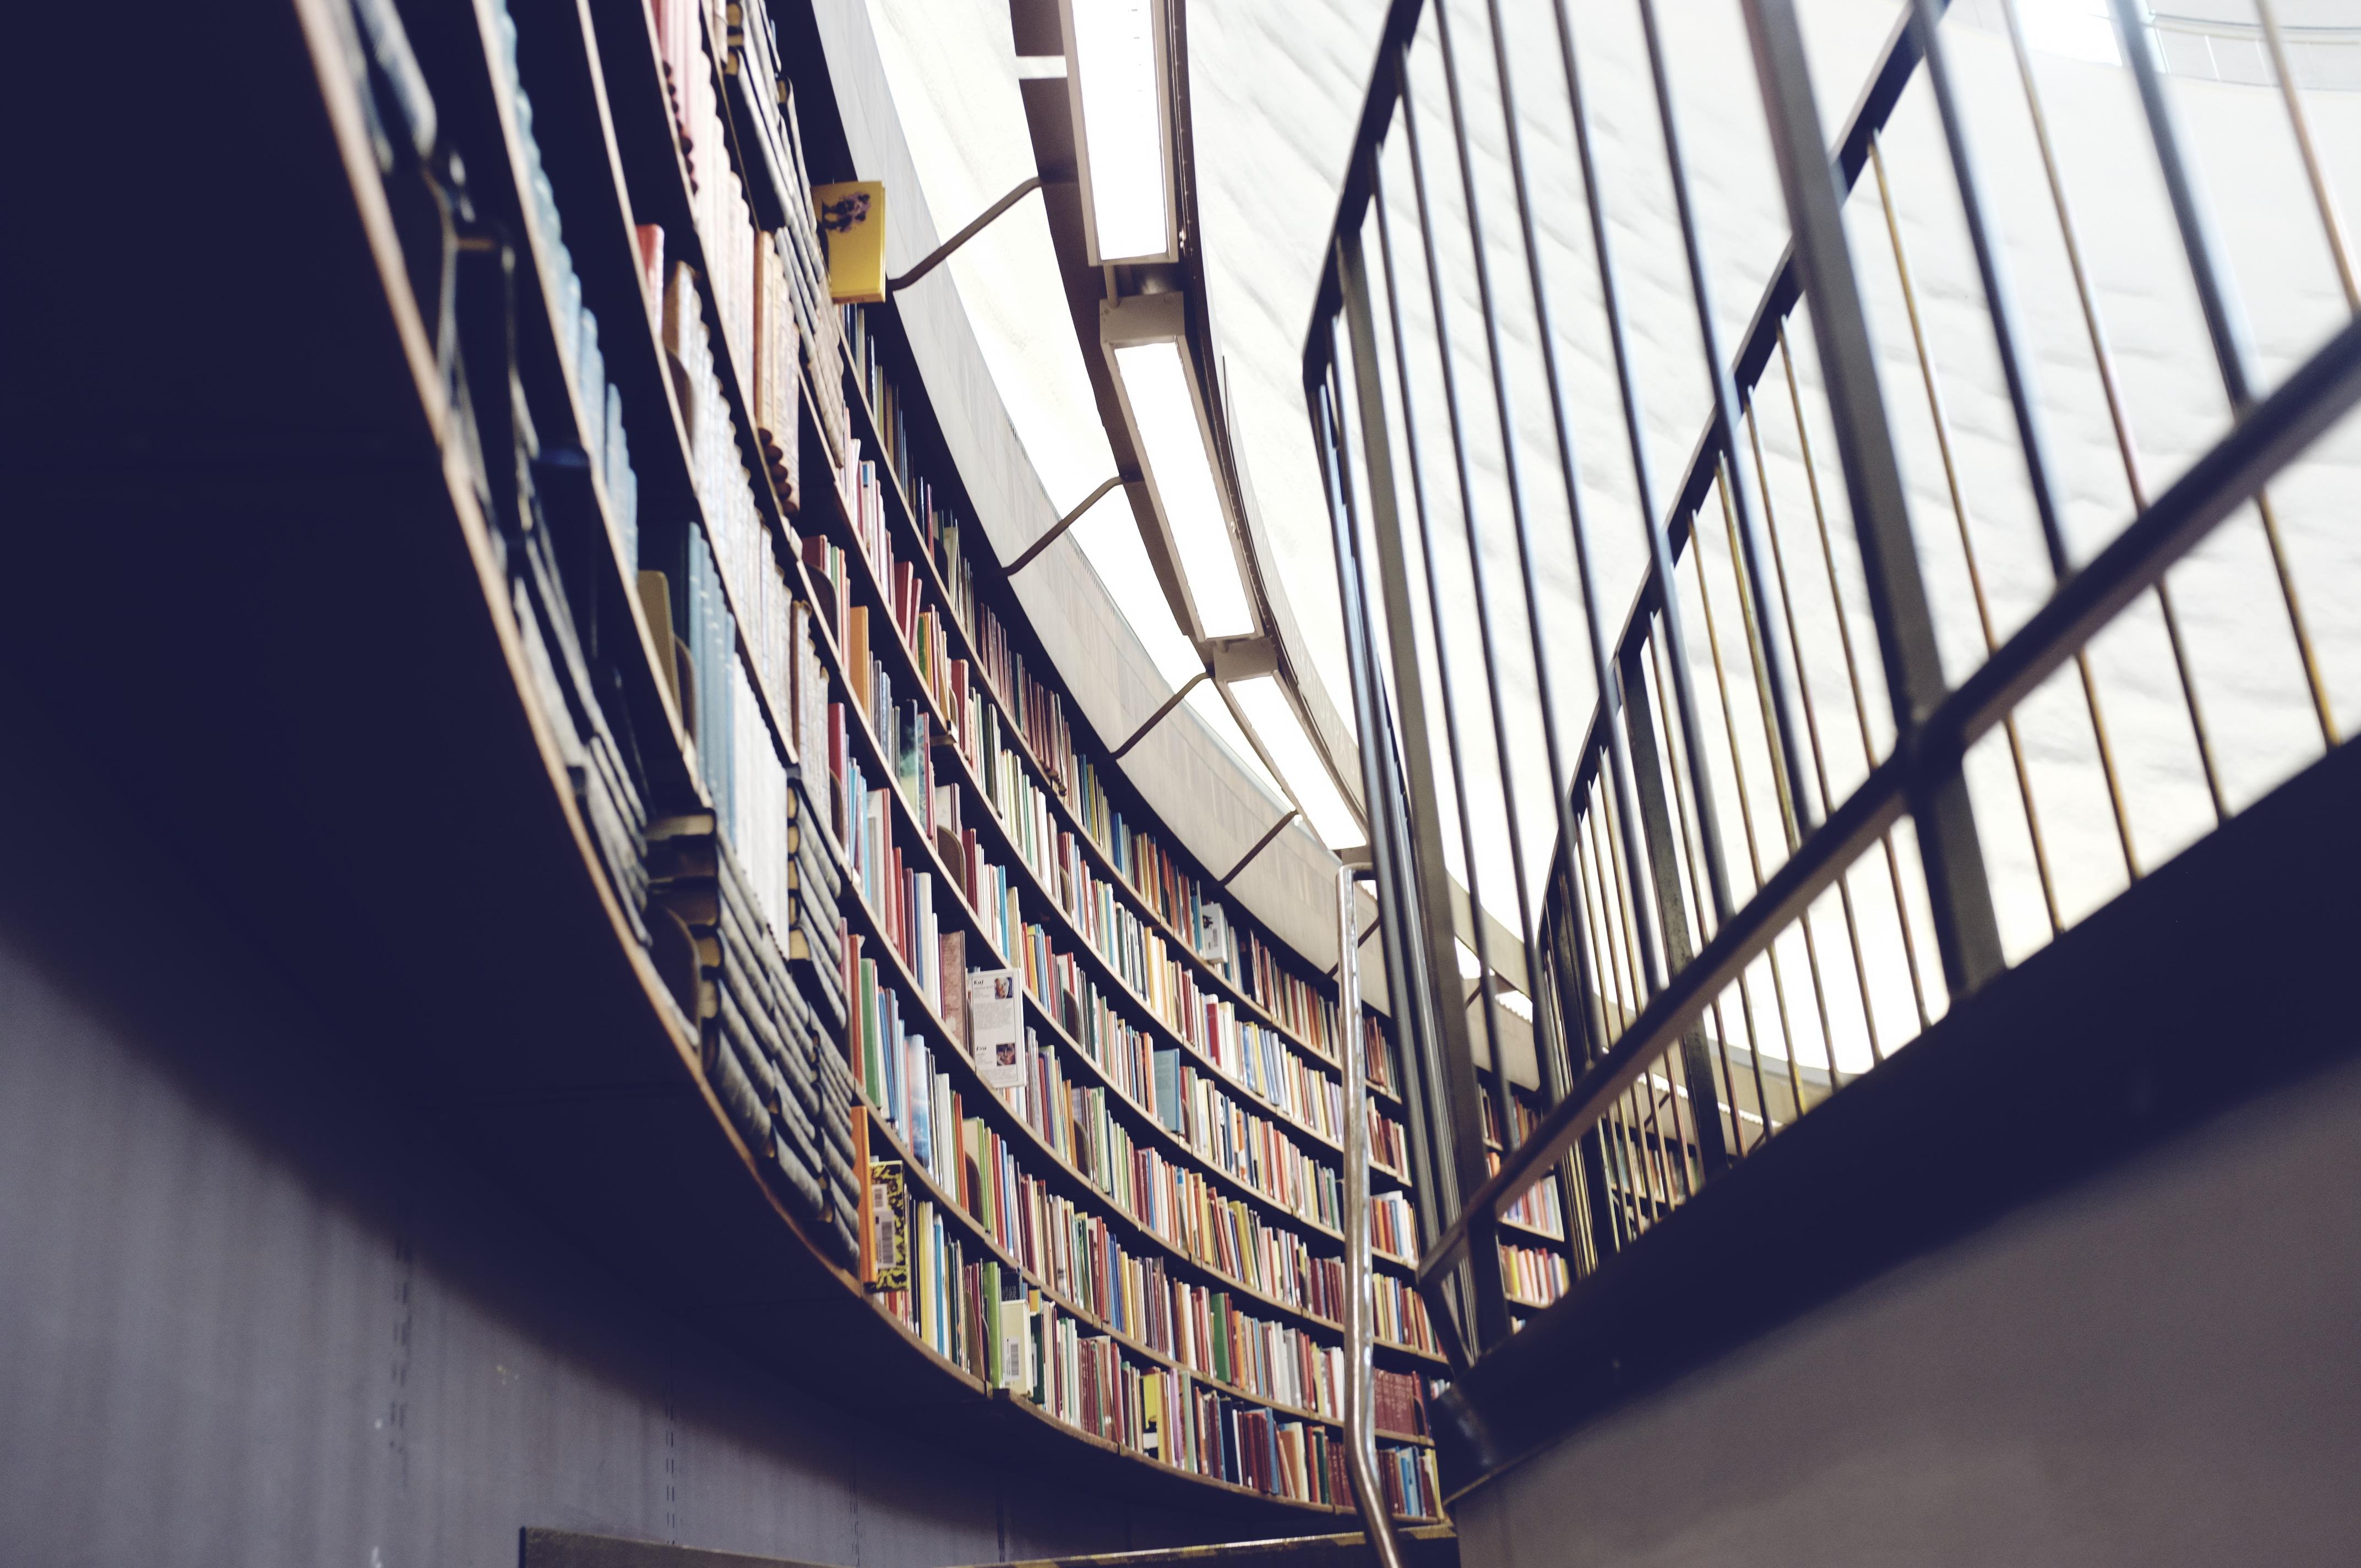 Eine ganze Bibliothek findet Platz im E-Book-Reader CC0 1.0